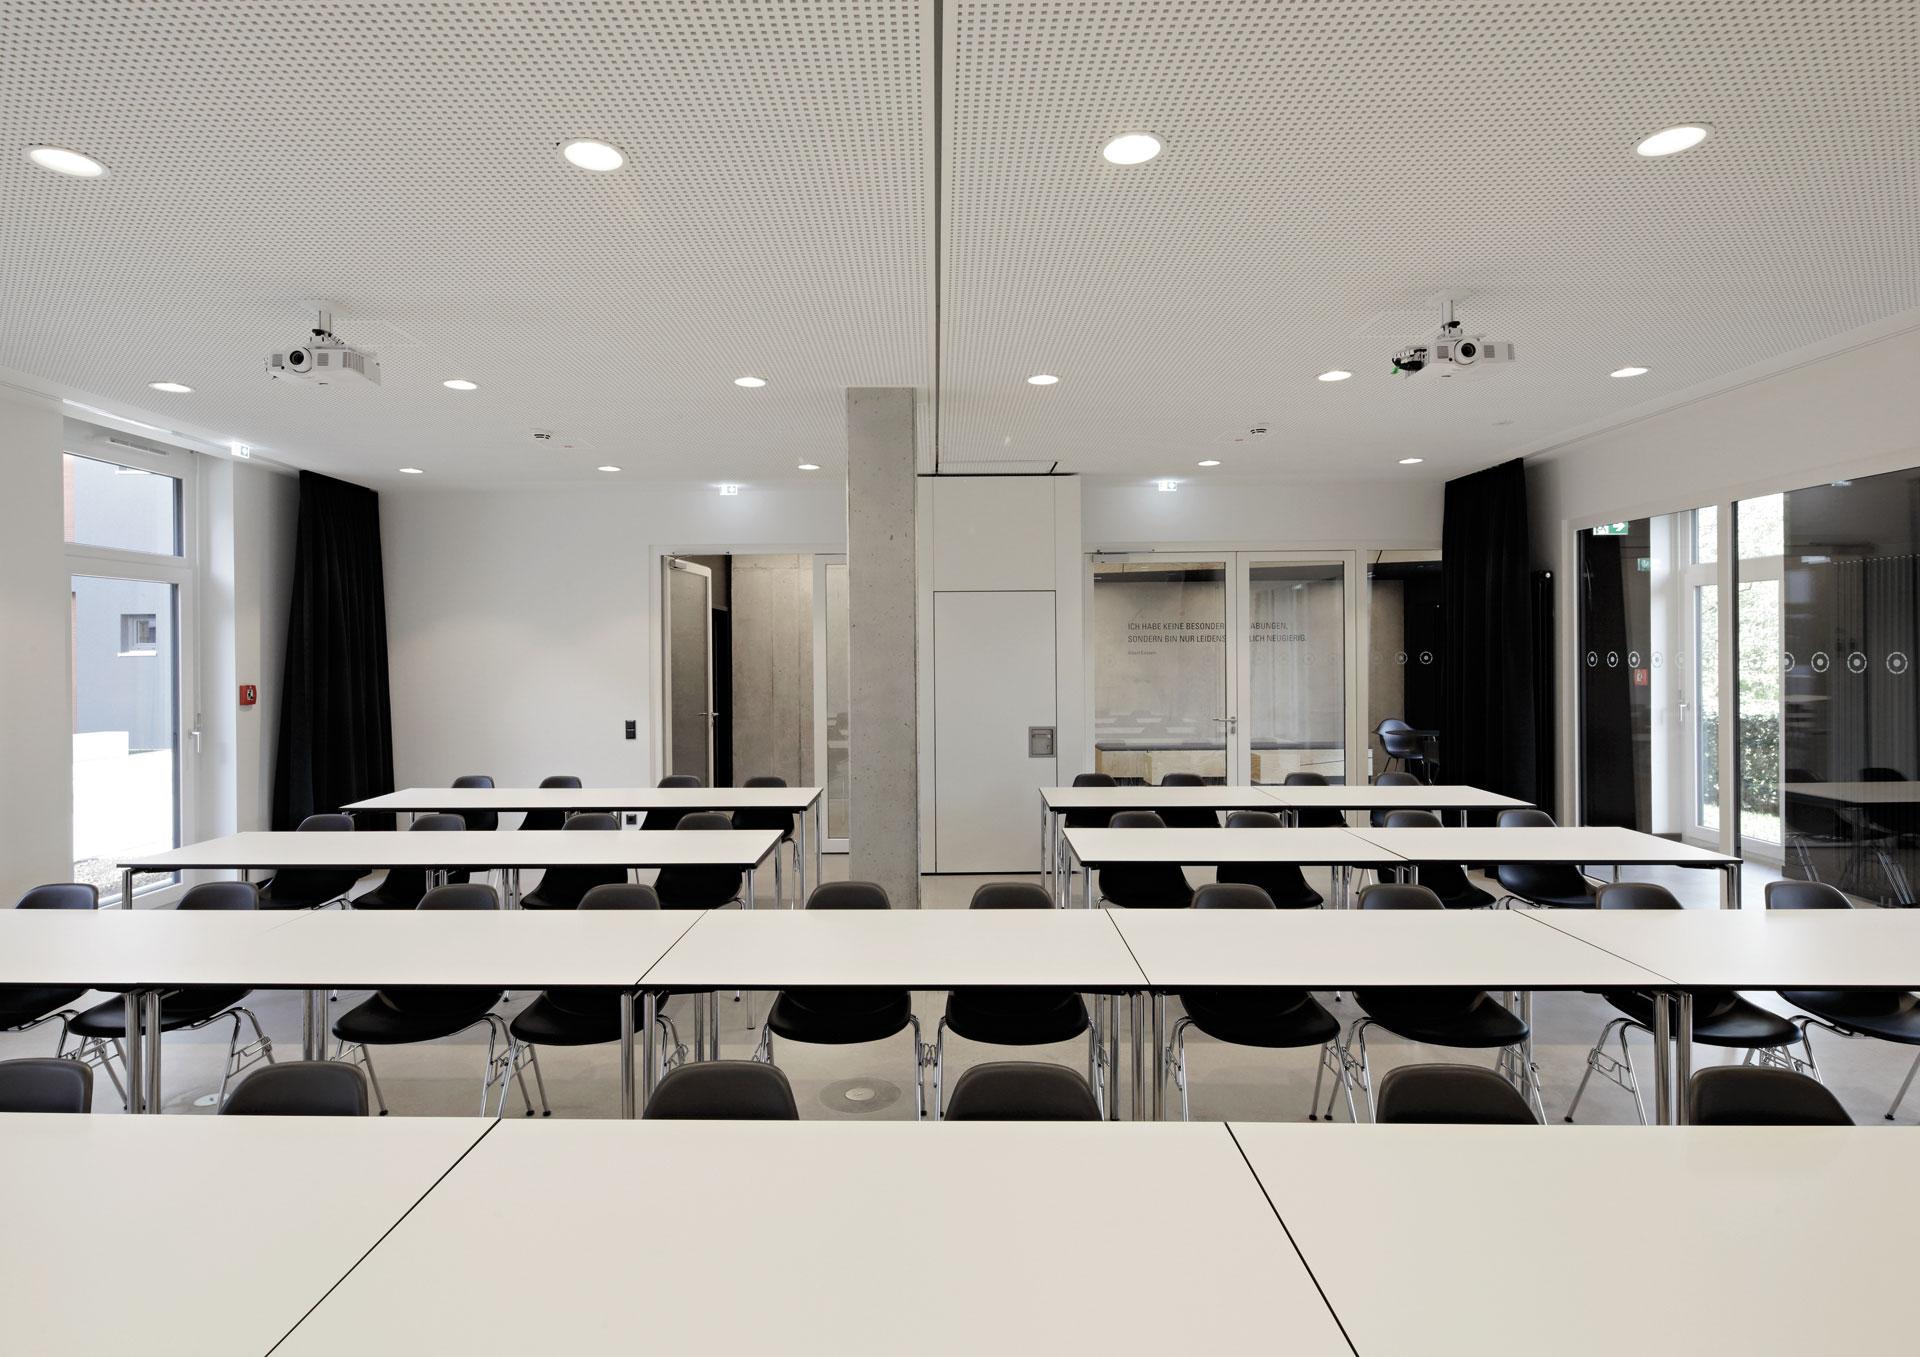 Seminarzentrum am rossneckar esslingen labor weltenbau for Produktdesign freiburg